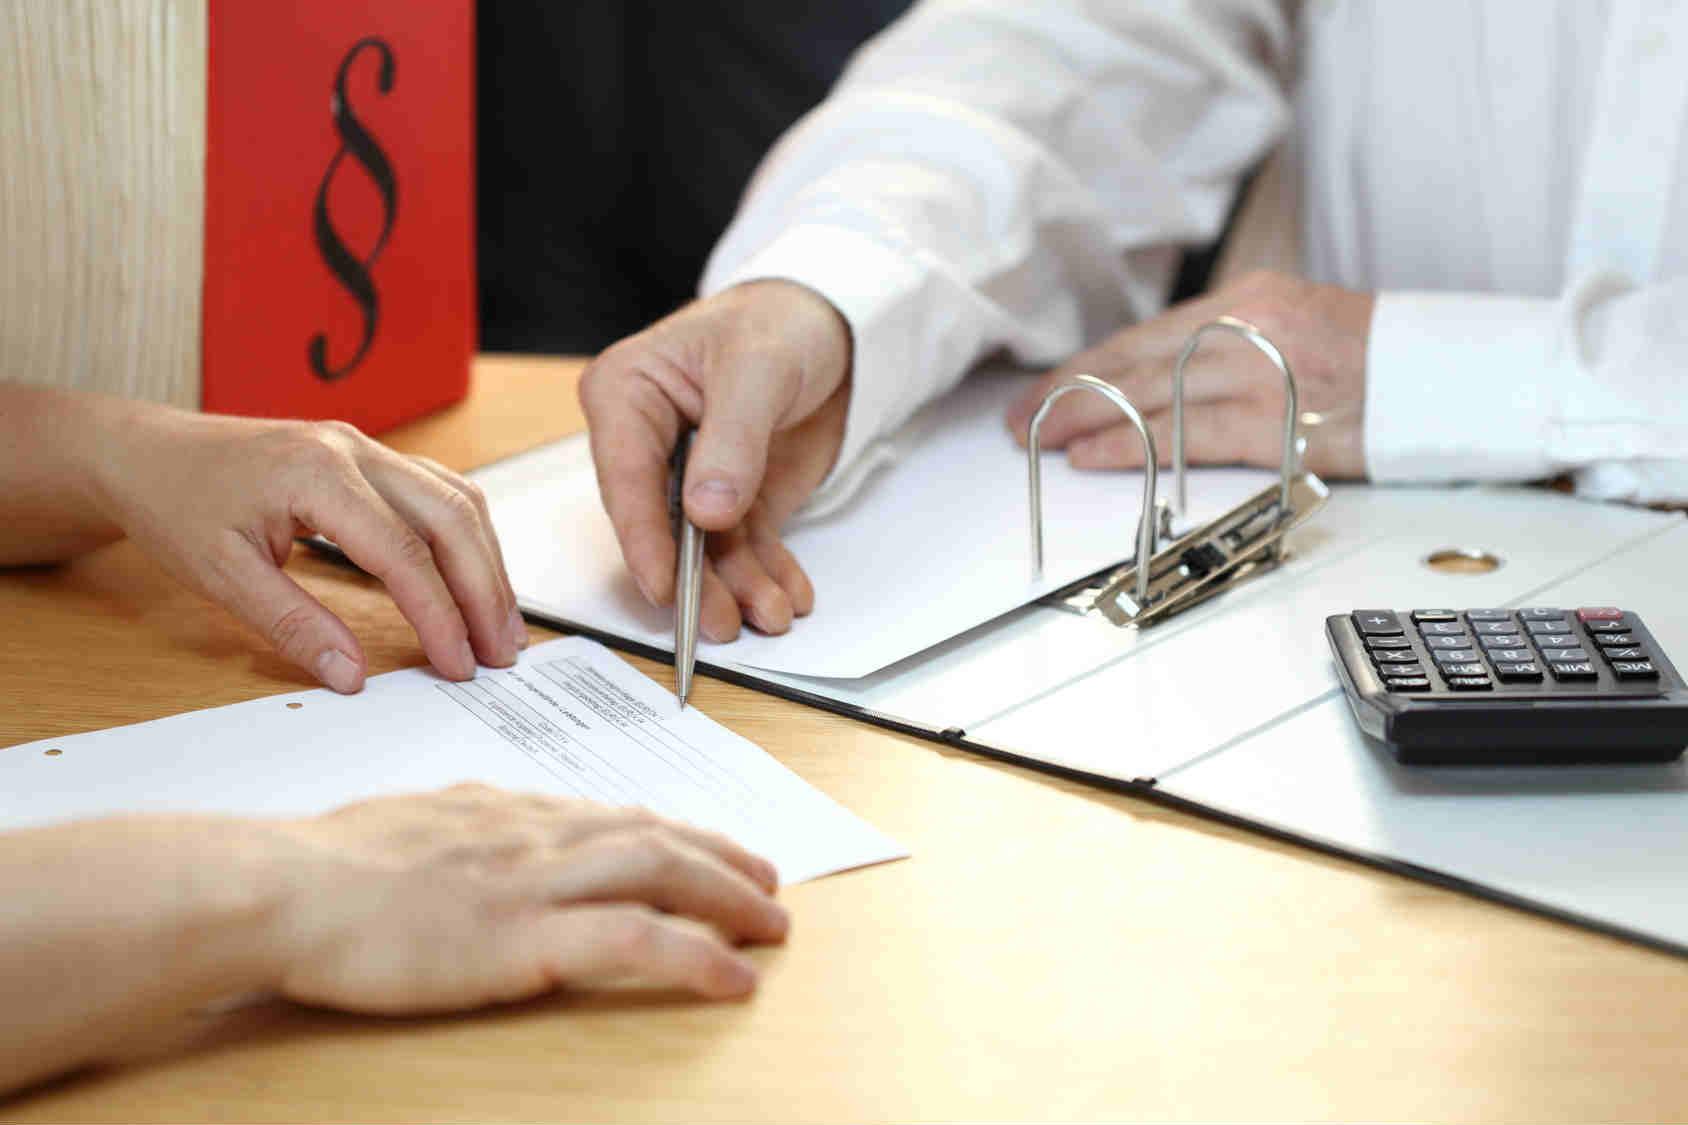 Помощь в оформлении кредита от профессионалов